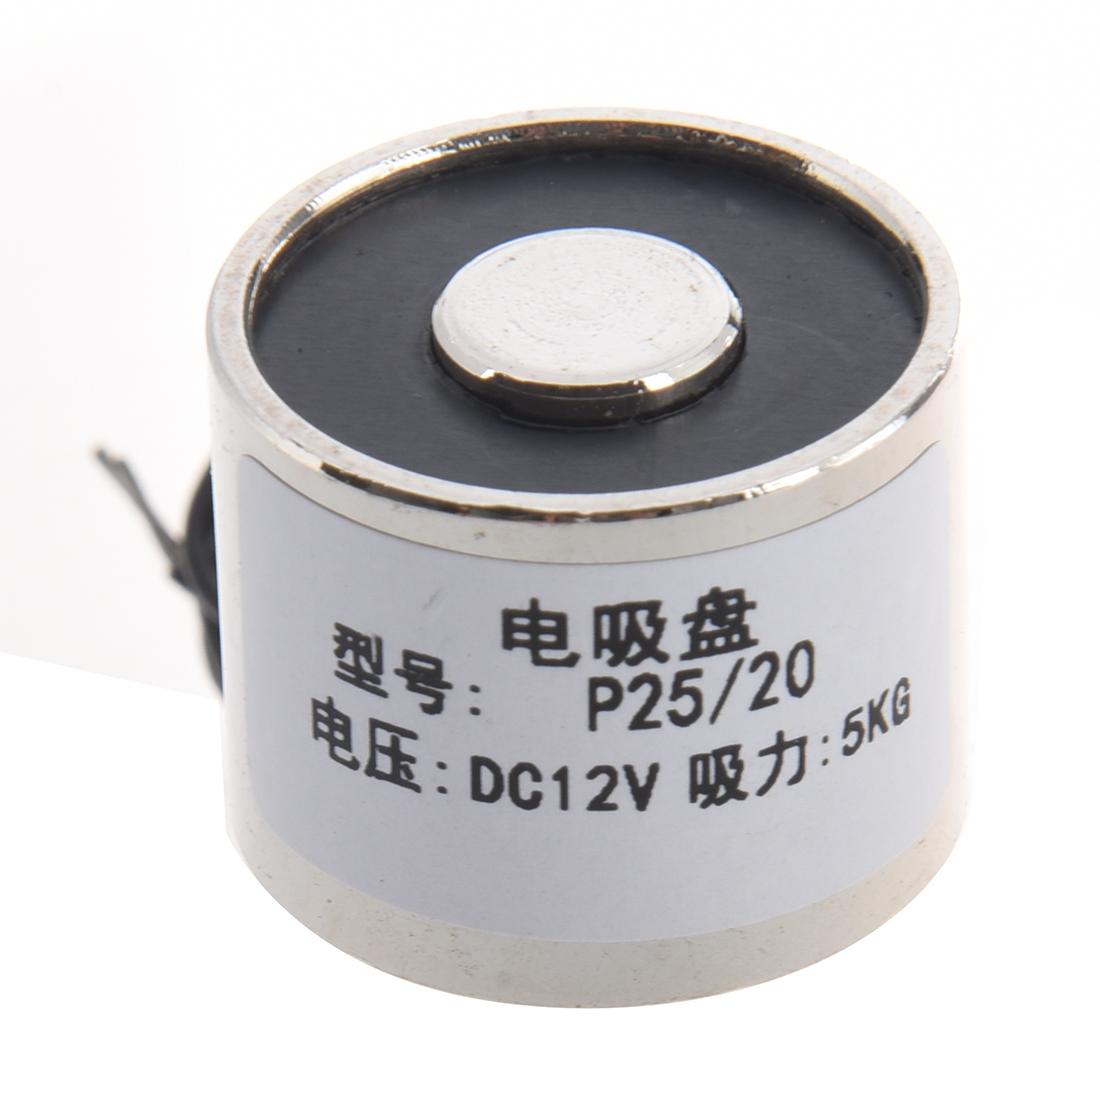 Electromagnet 11 LB DC 12V Holding Electromagnet Lift Magnet Electric Motor